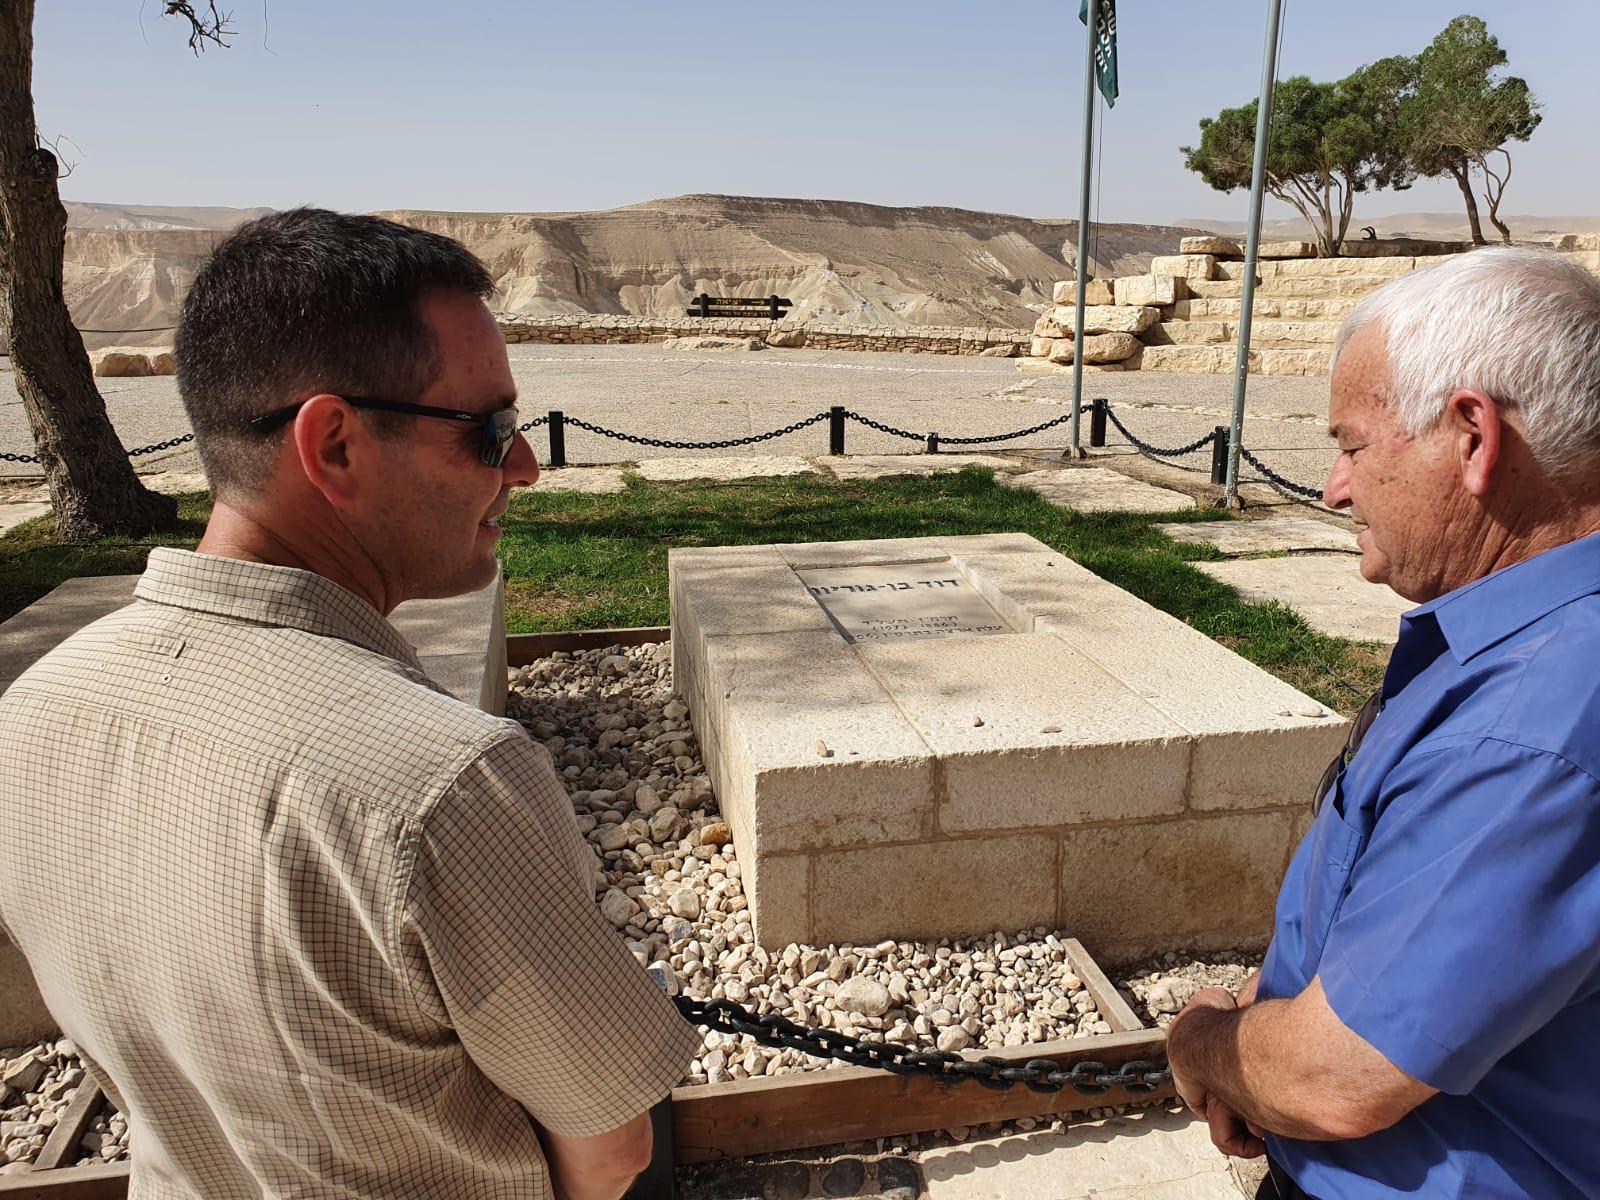 אלון שוסטר וערן דורון בקבר של דוד בן גוריון